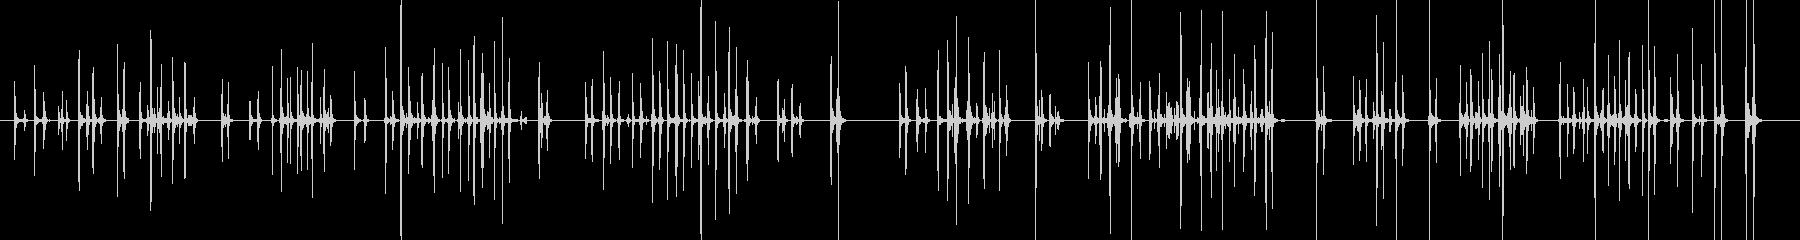 カタカタ_キーボードの打鍵音 04の未再生の波形